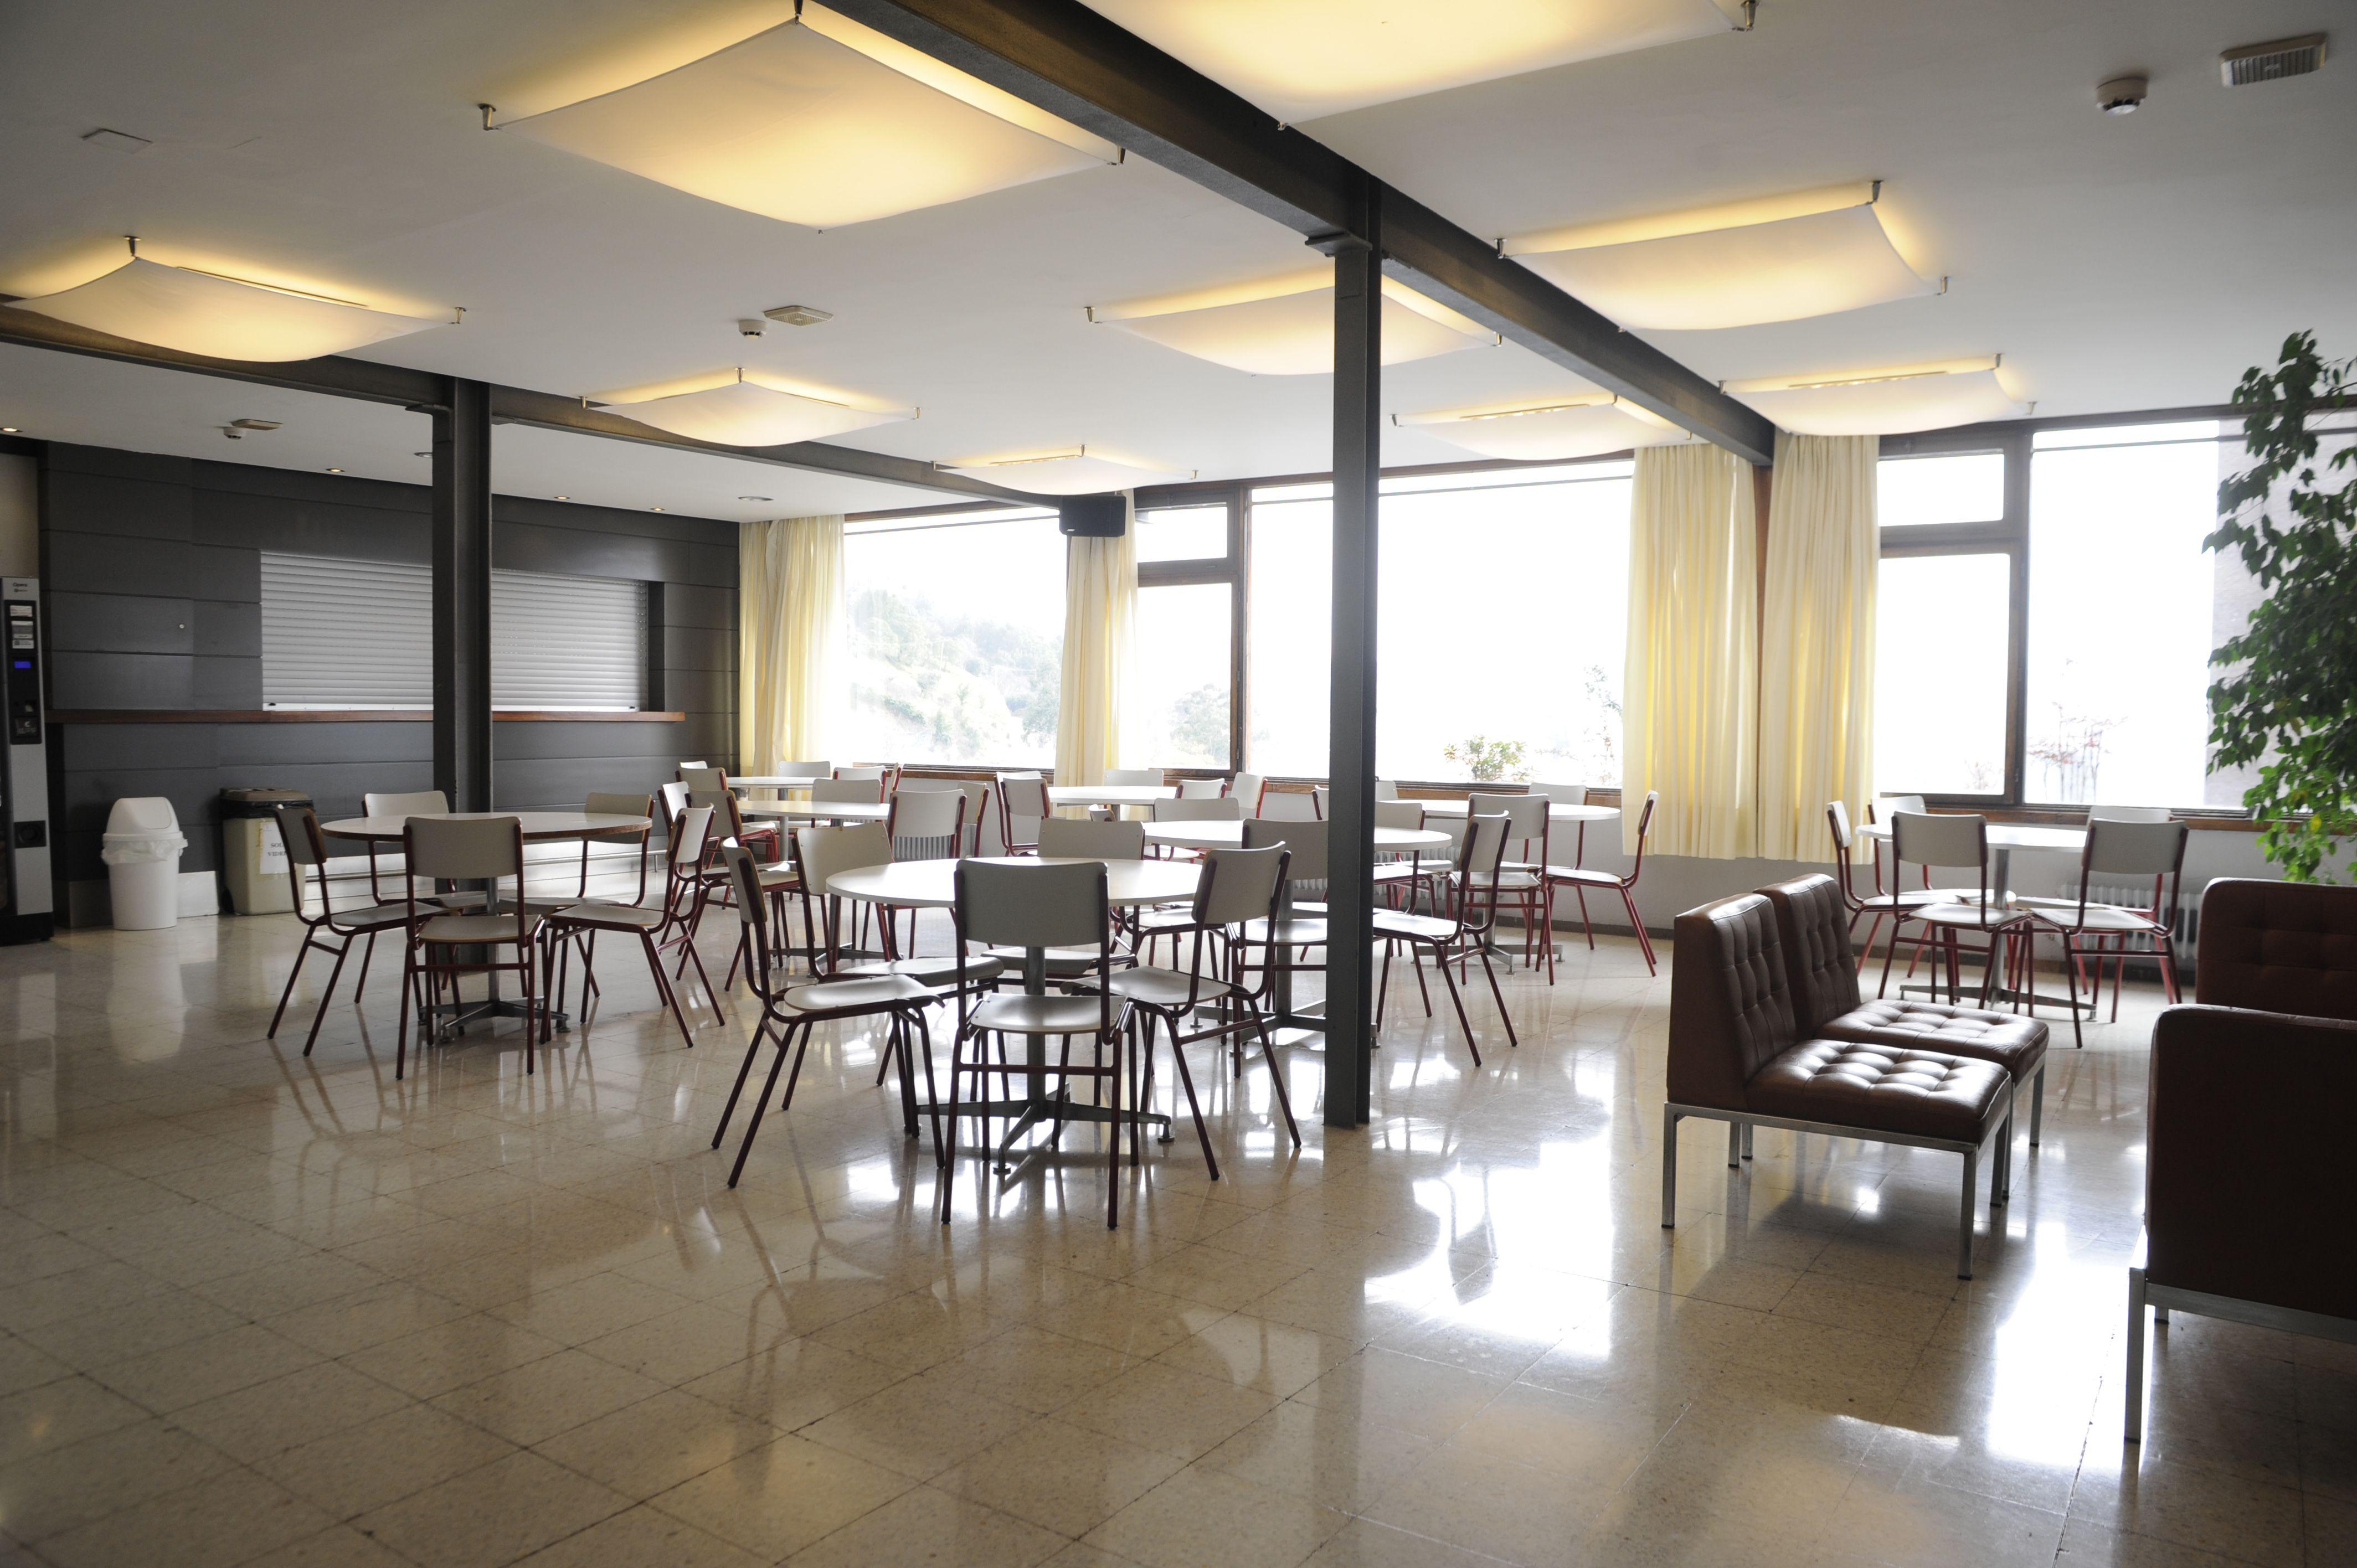 Foto 3 de Residencias de estudiantes en Bilbao | Colegio Mayor Deusto